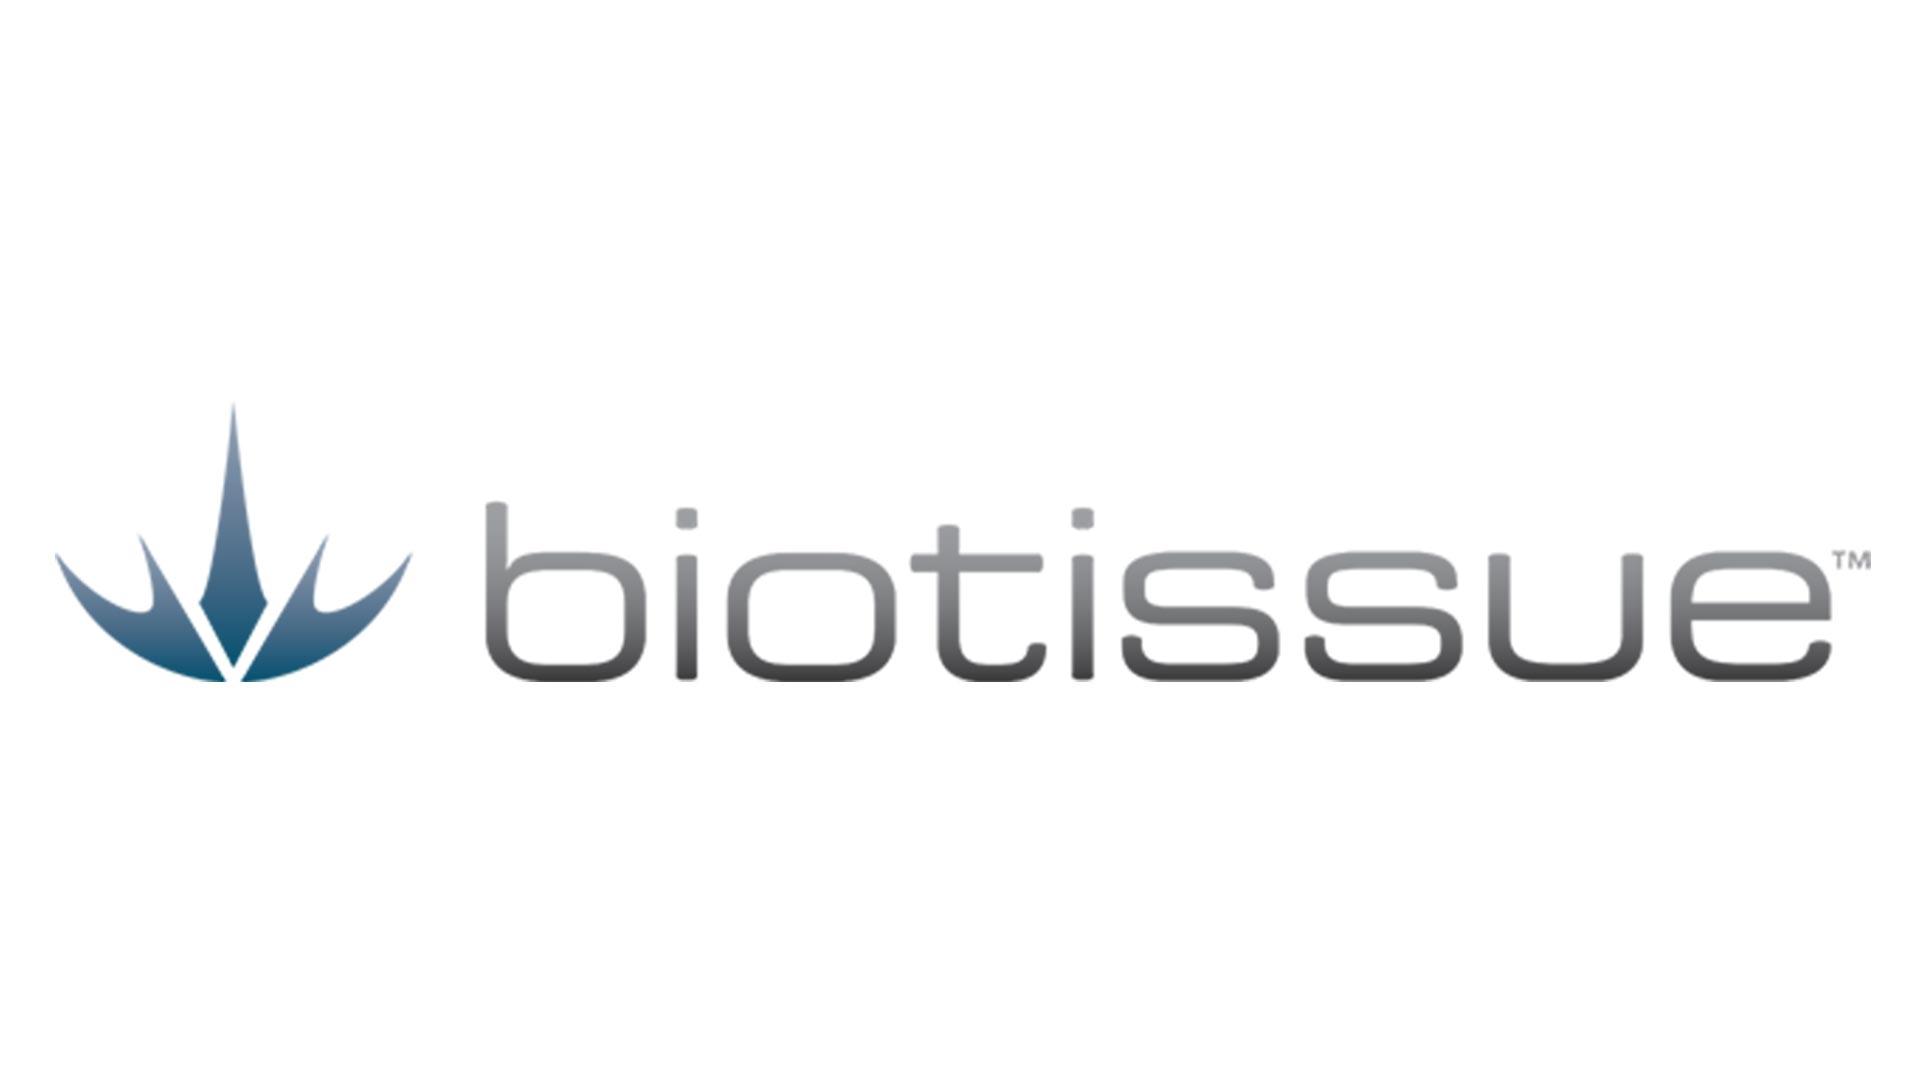 Biotissue